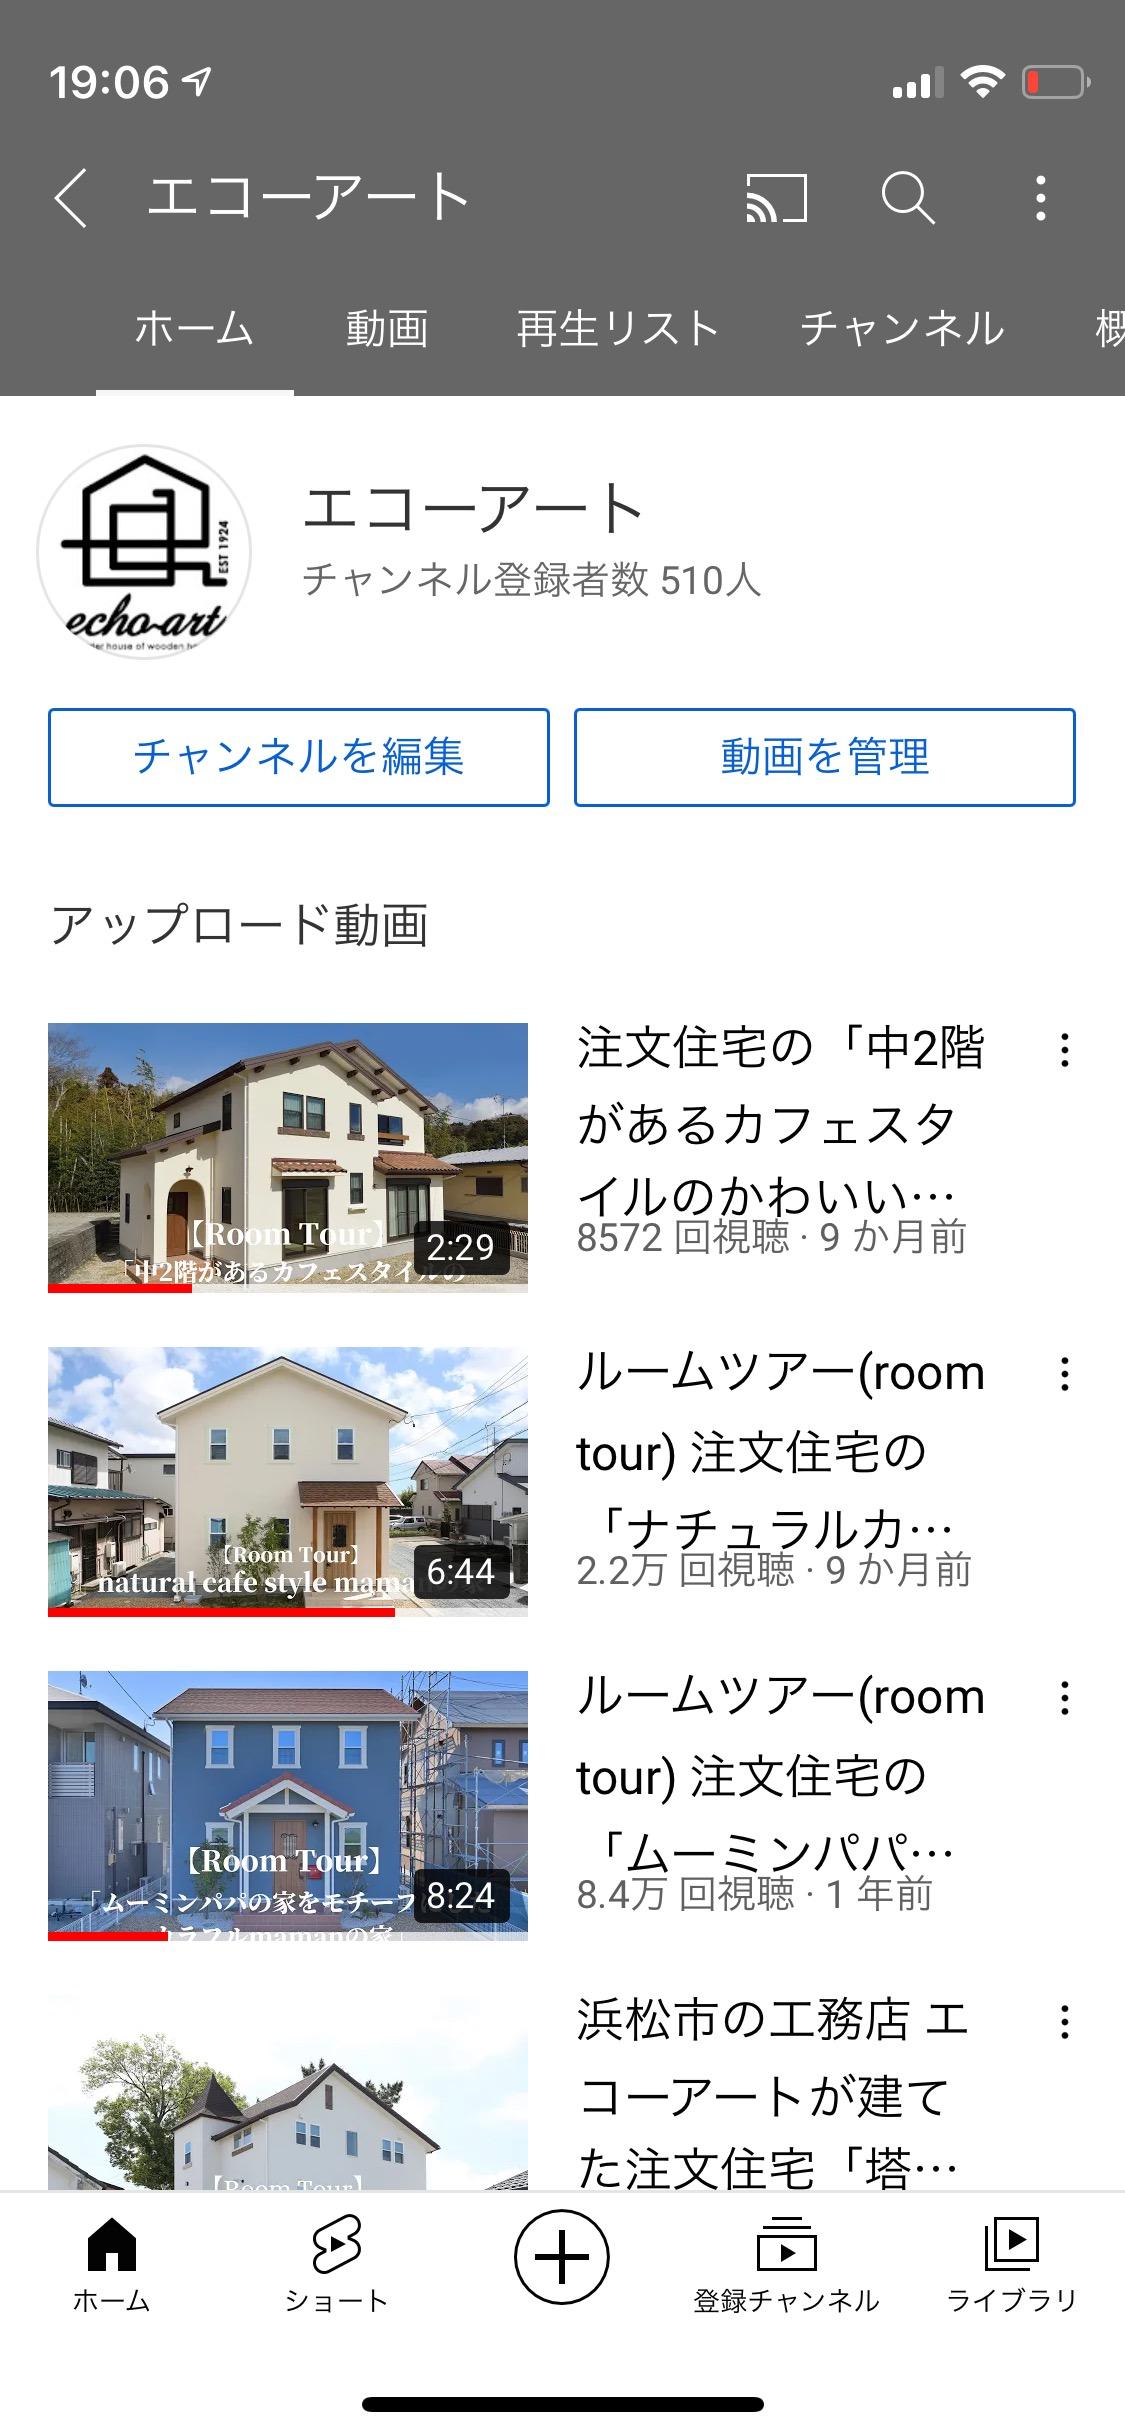 浜松市の注文住宅会社の工務店のエコーアートが行っているyoutubeチャンネルの紹介写真